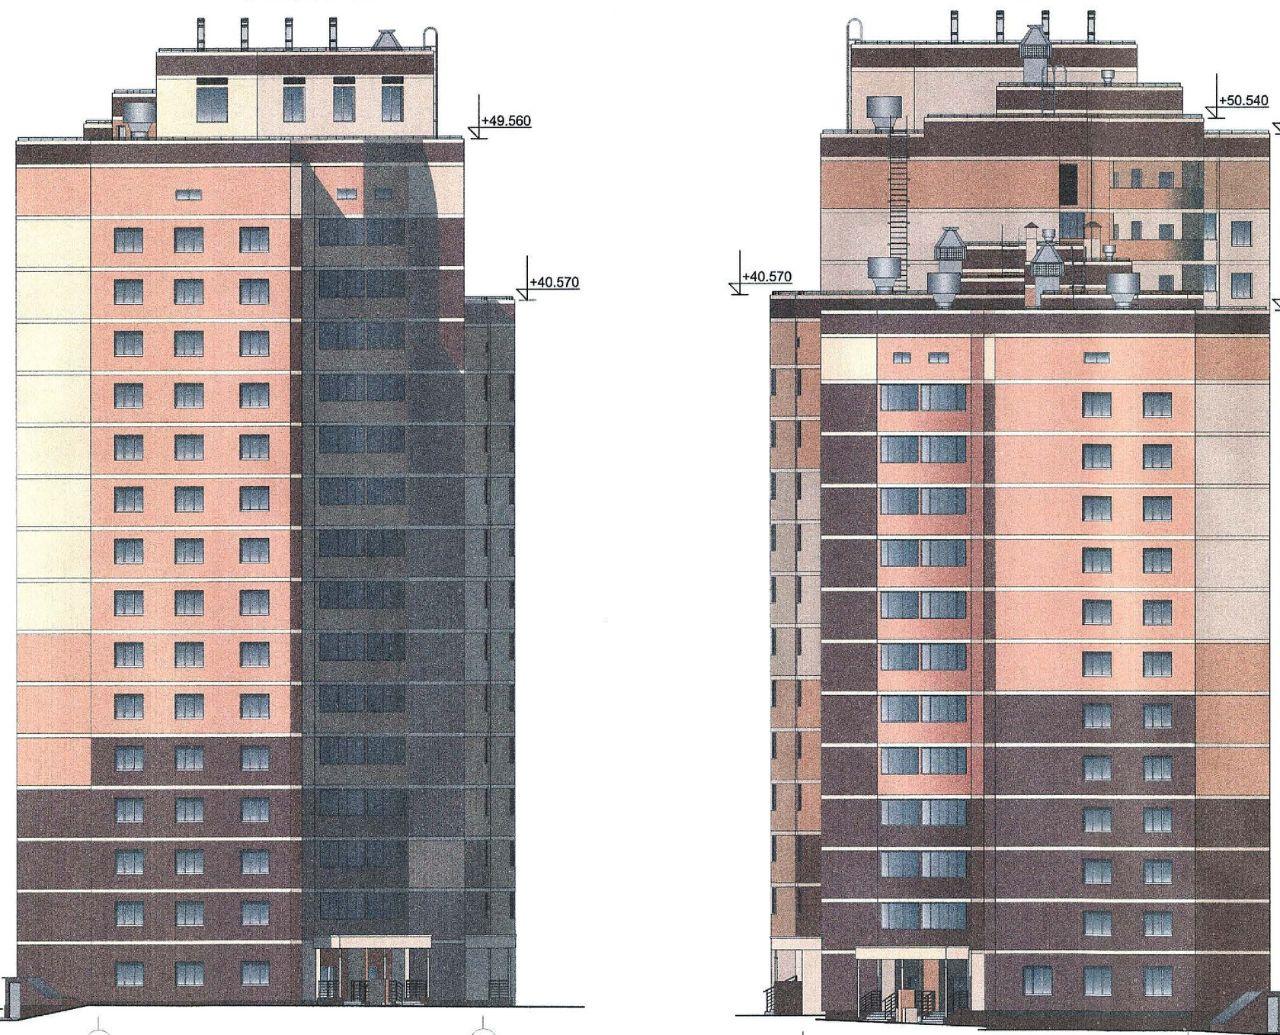 купить квартиру в ЖК по ул. Московская, 311